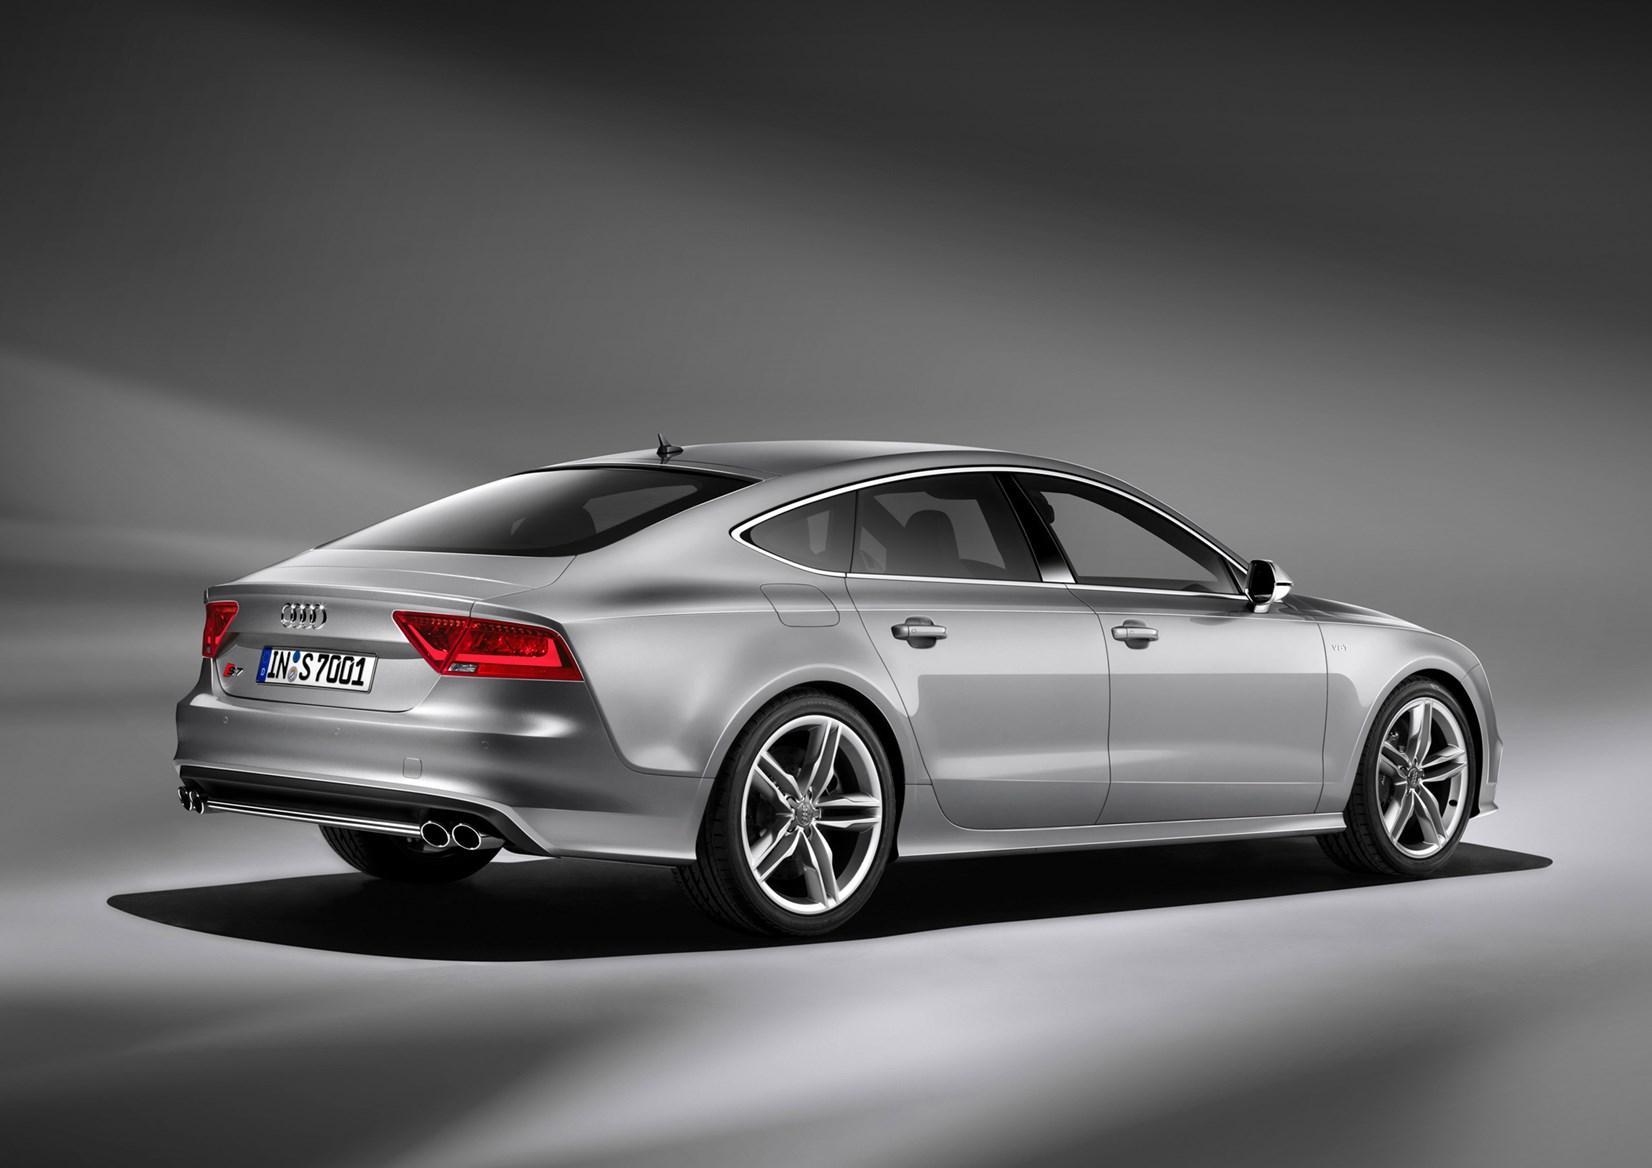 Audi A S Review Parkers - Audi 87